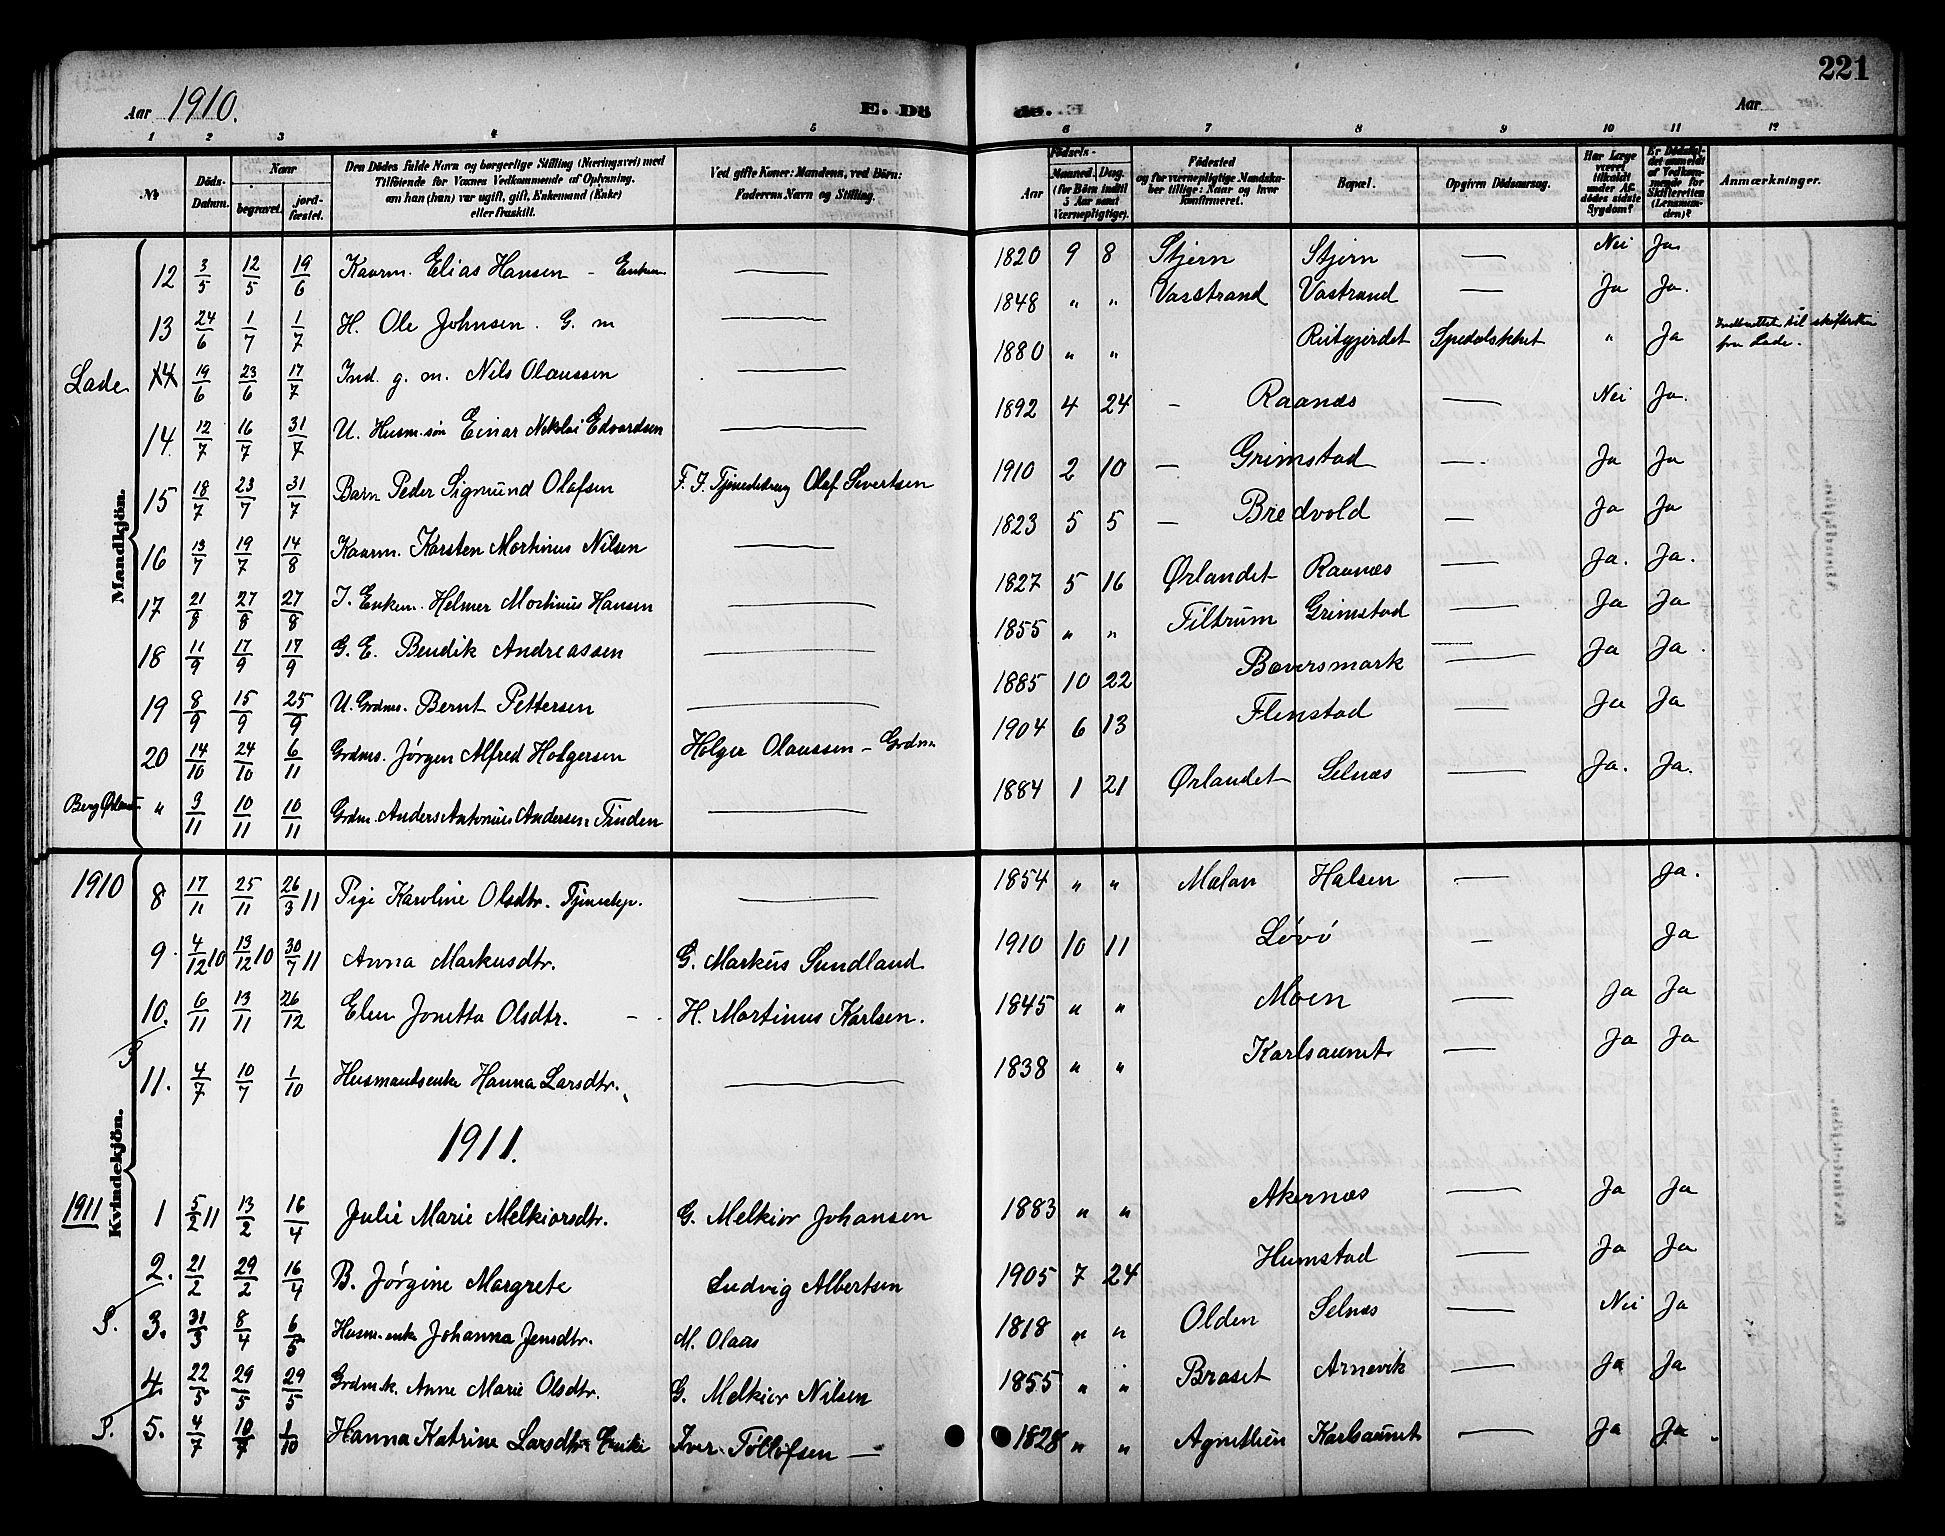 SAT, Ministerialprotokoller, klokkerbøker og fødselsregistre - Sør-Trøndelag, 655/L0688: Klokkerbok nr. 655C04, 1899-1922, s. 221